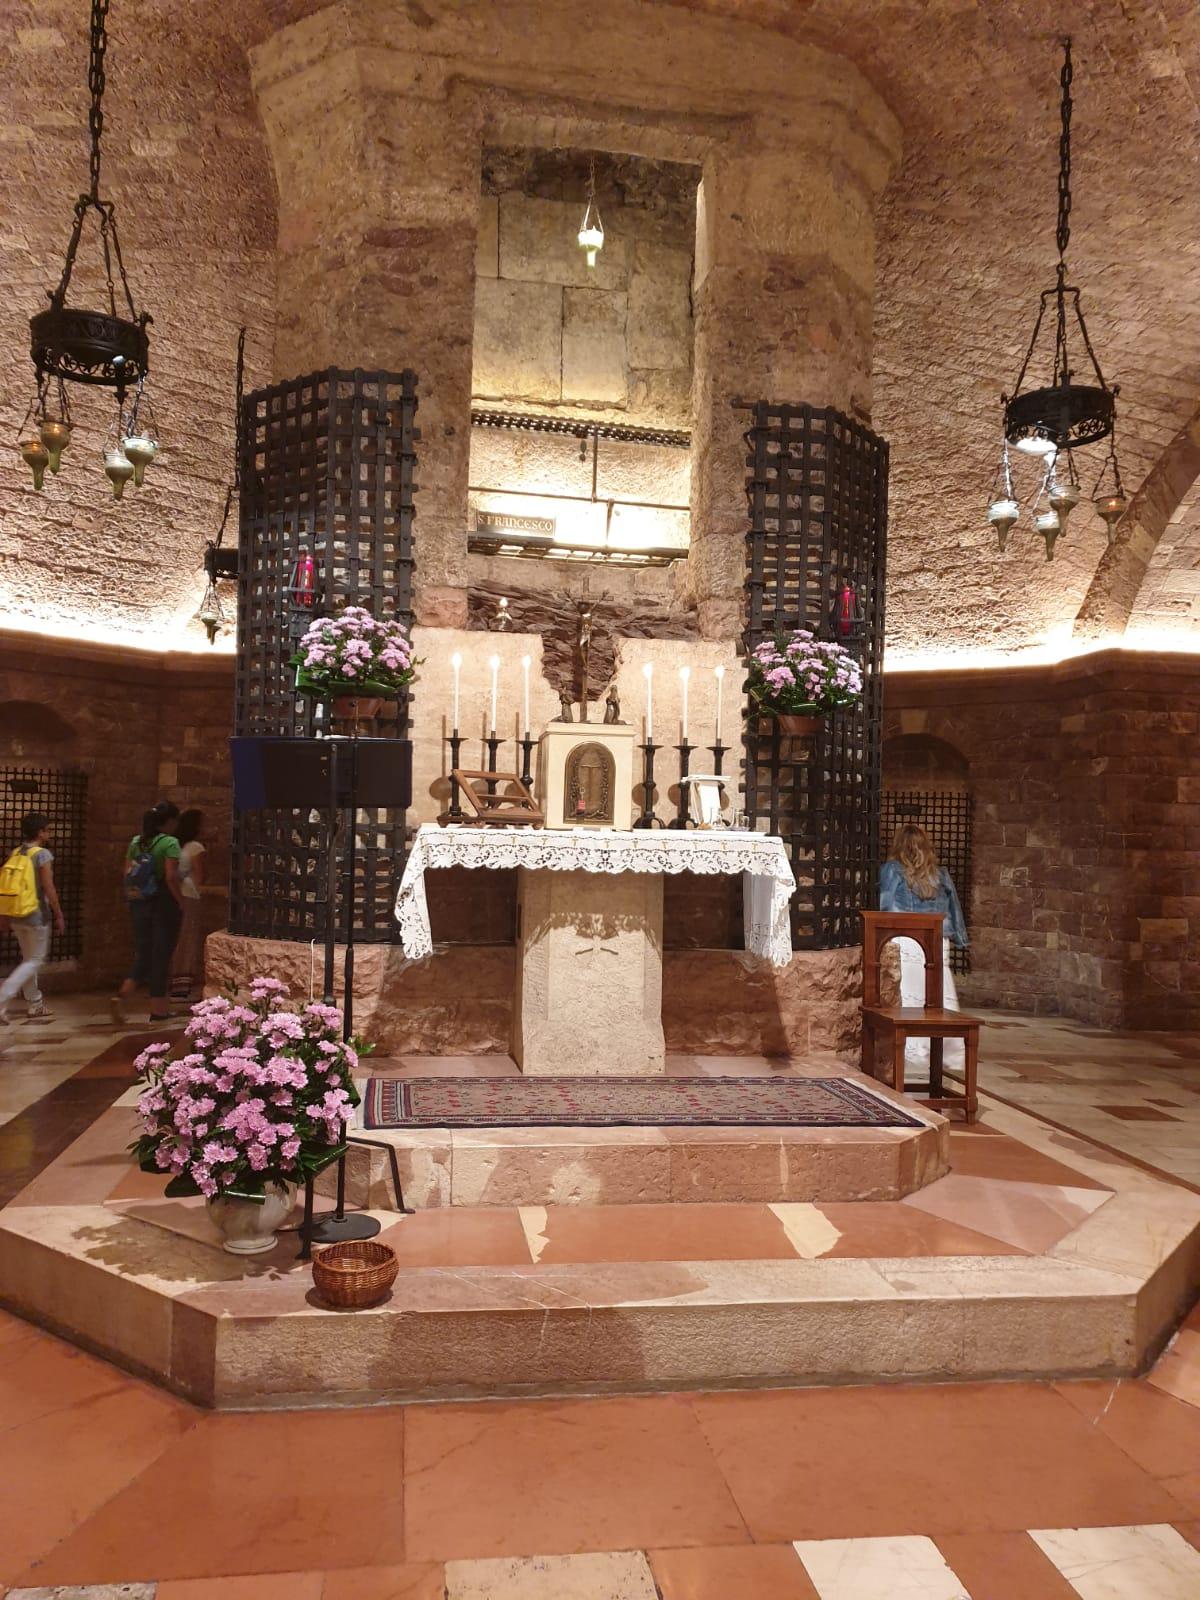 SummerSchool Assisi2019 22July 8